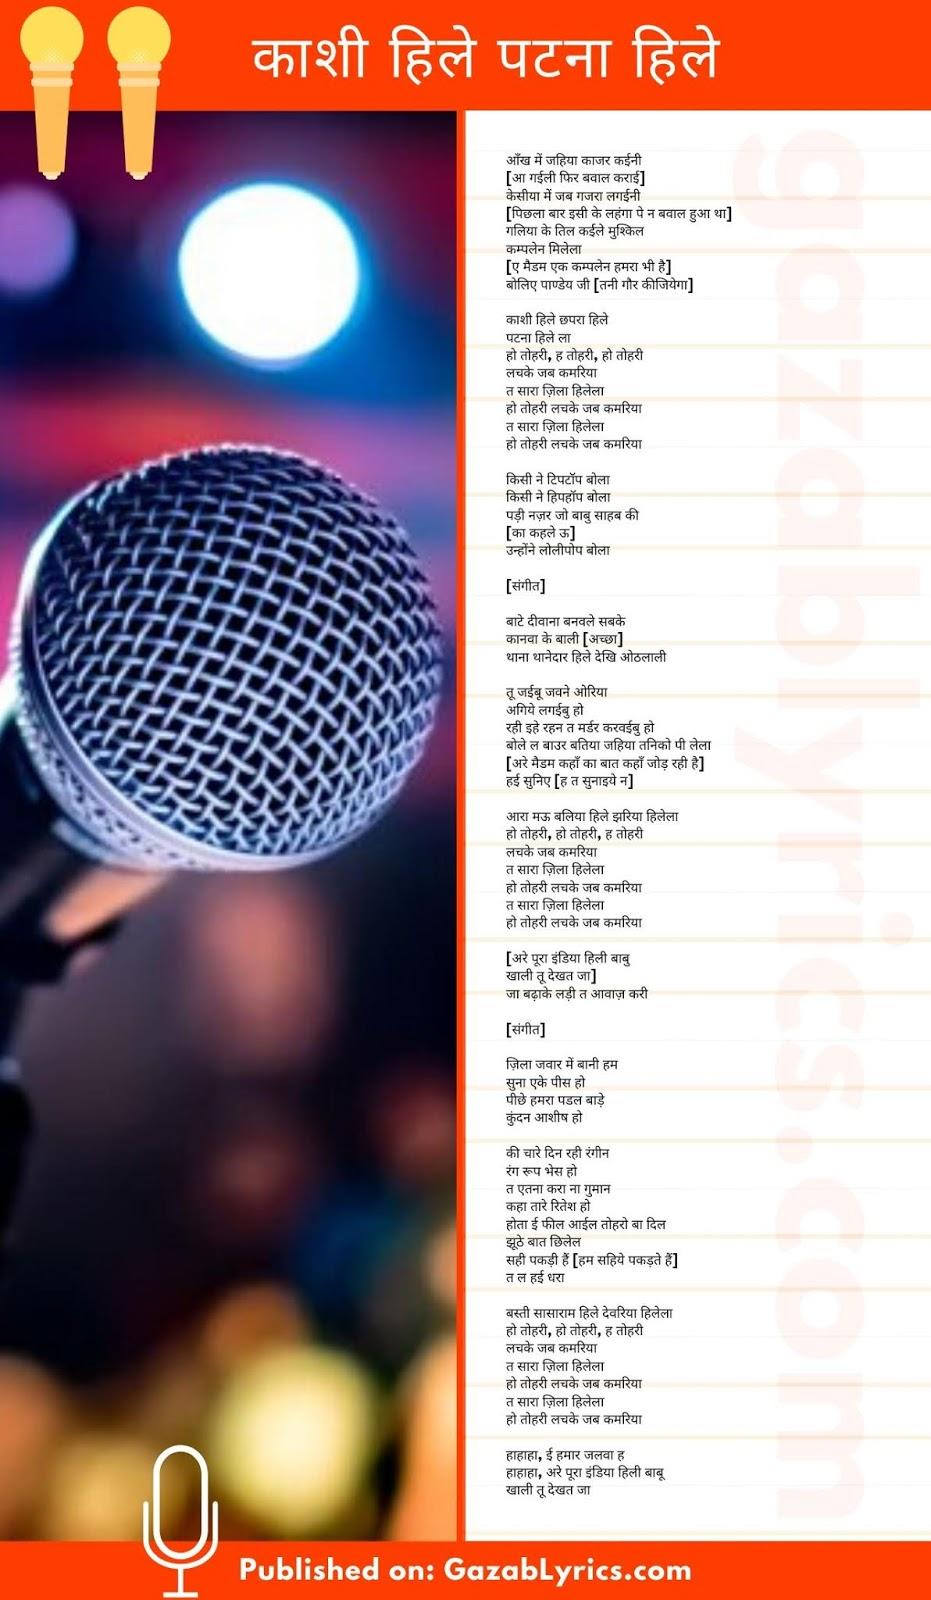 Kashi Hille Patna Hille song lyrics image